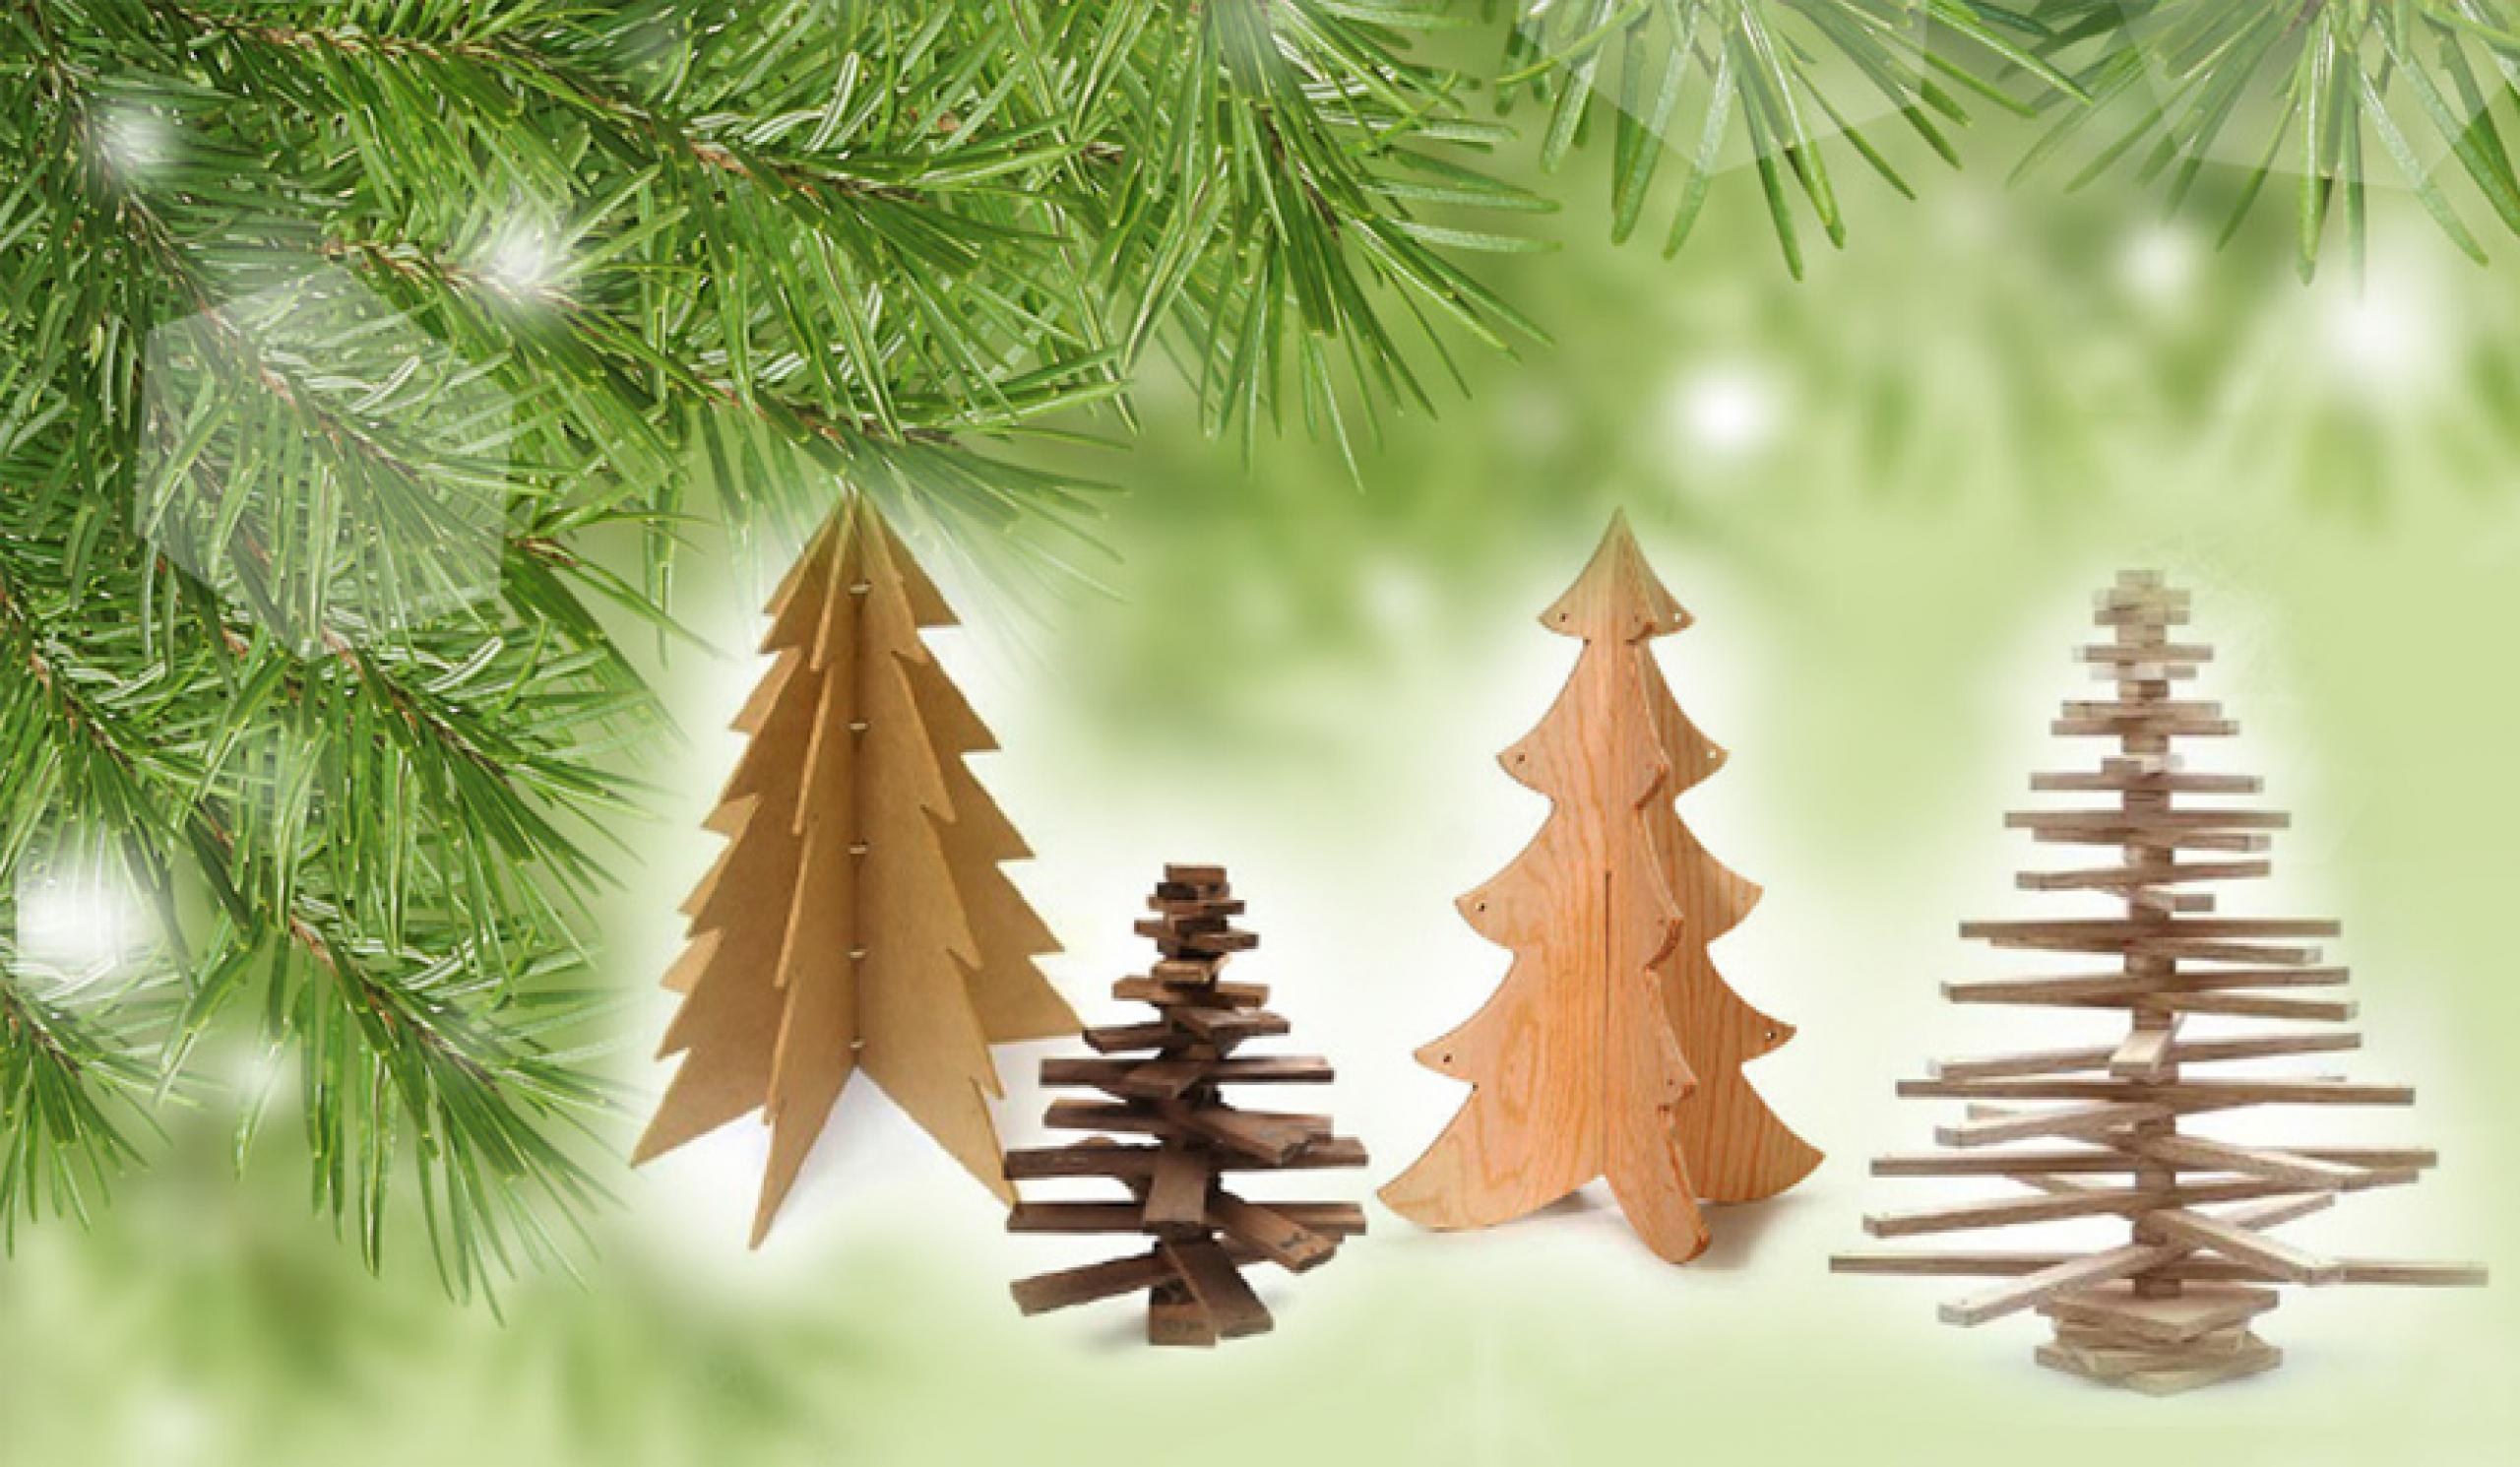 Cómo construir un árbol de Navidad de madera